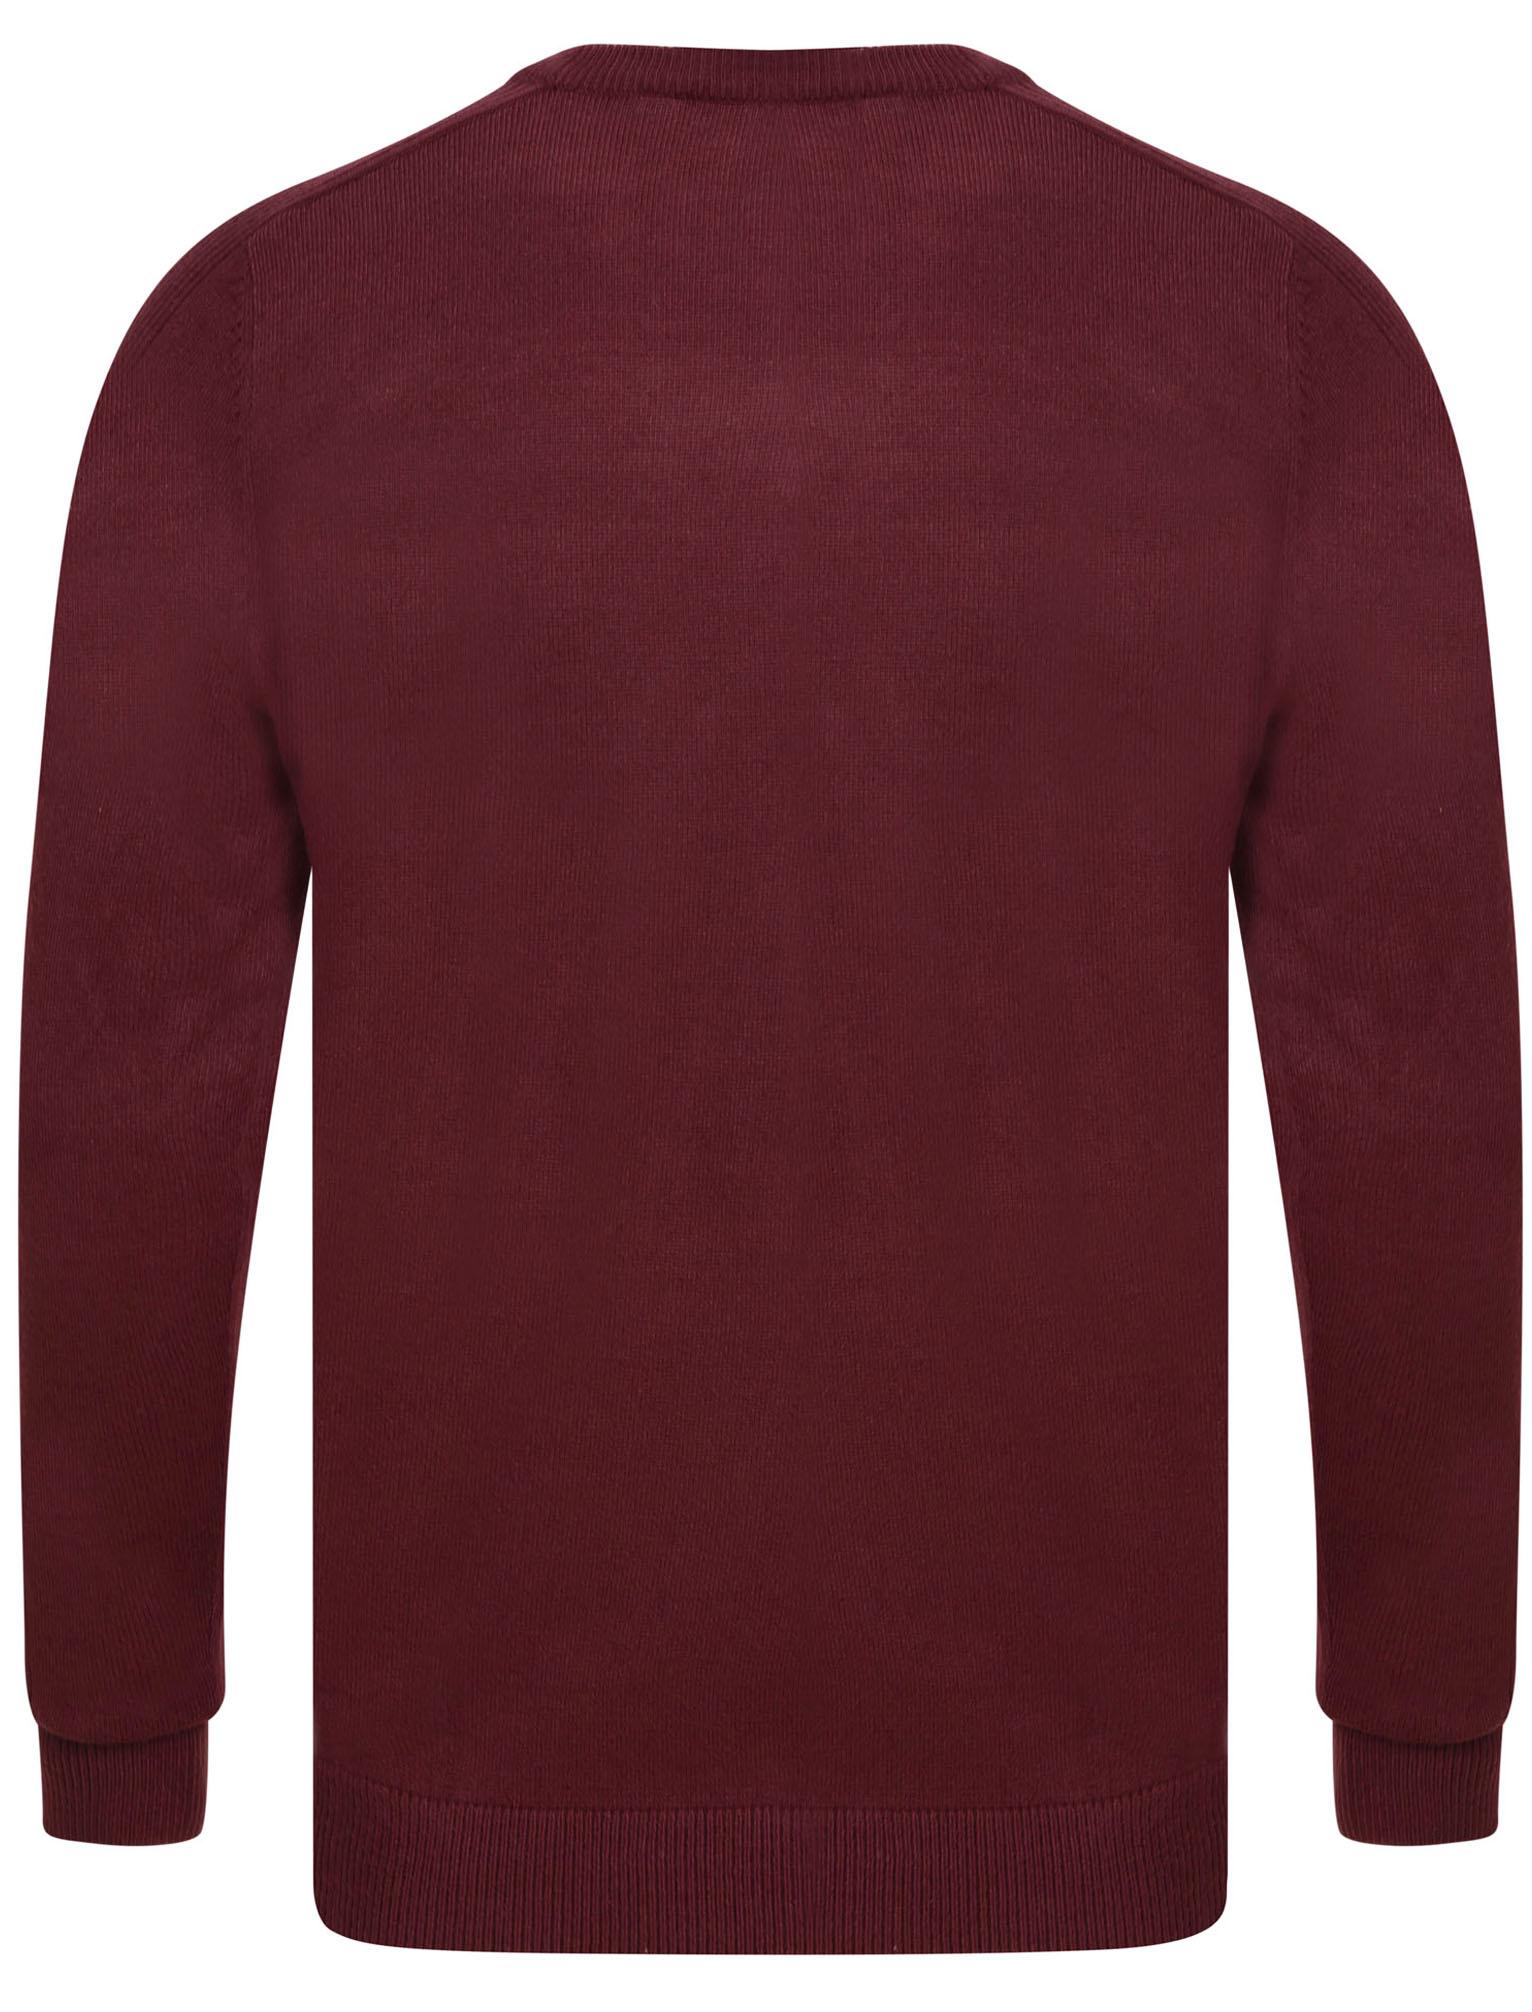 Kensington-Eastside-Men-039-s-Knitted-Crew-or-V-Neck-Jumper-Sweater-Top-Pullover thumbnail 86